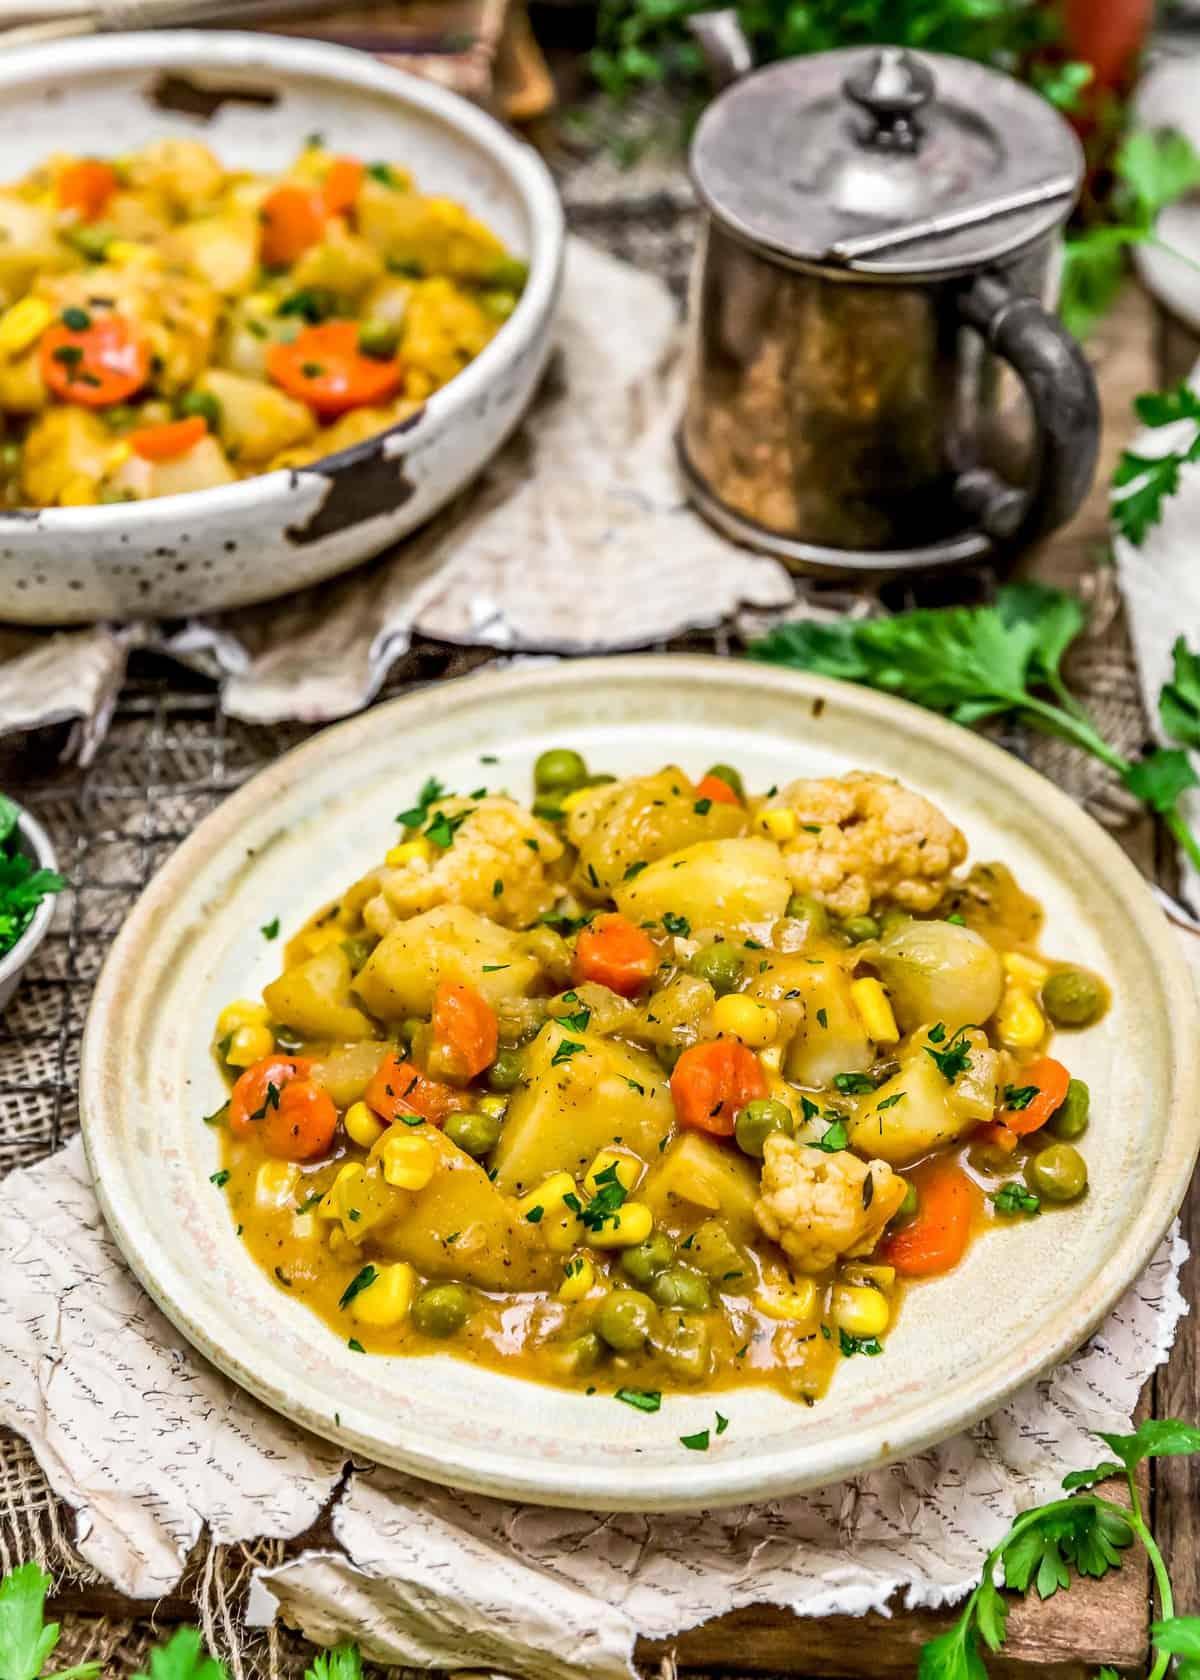 Served Roasted Veggies in Golden Gravy